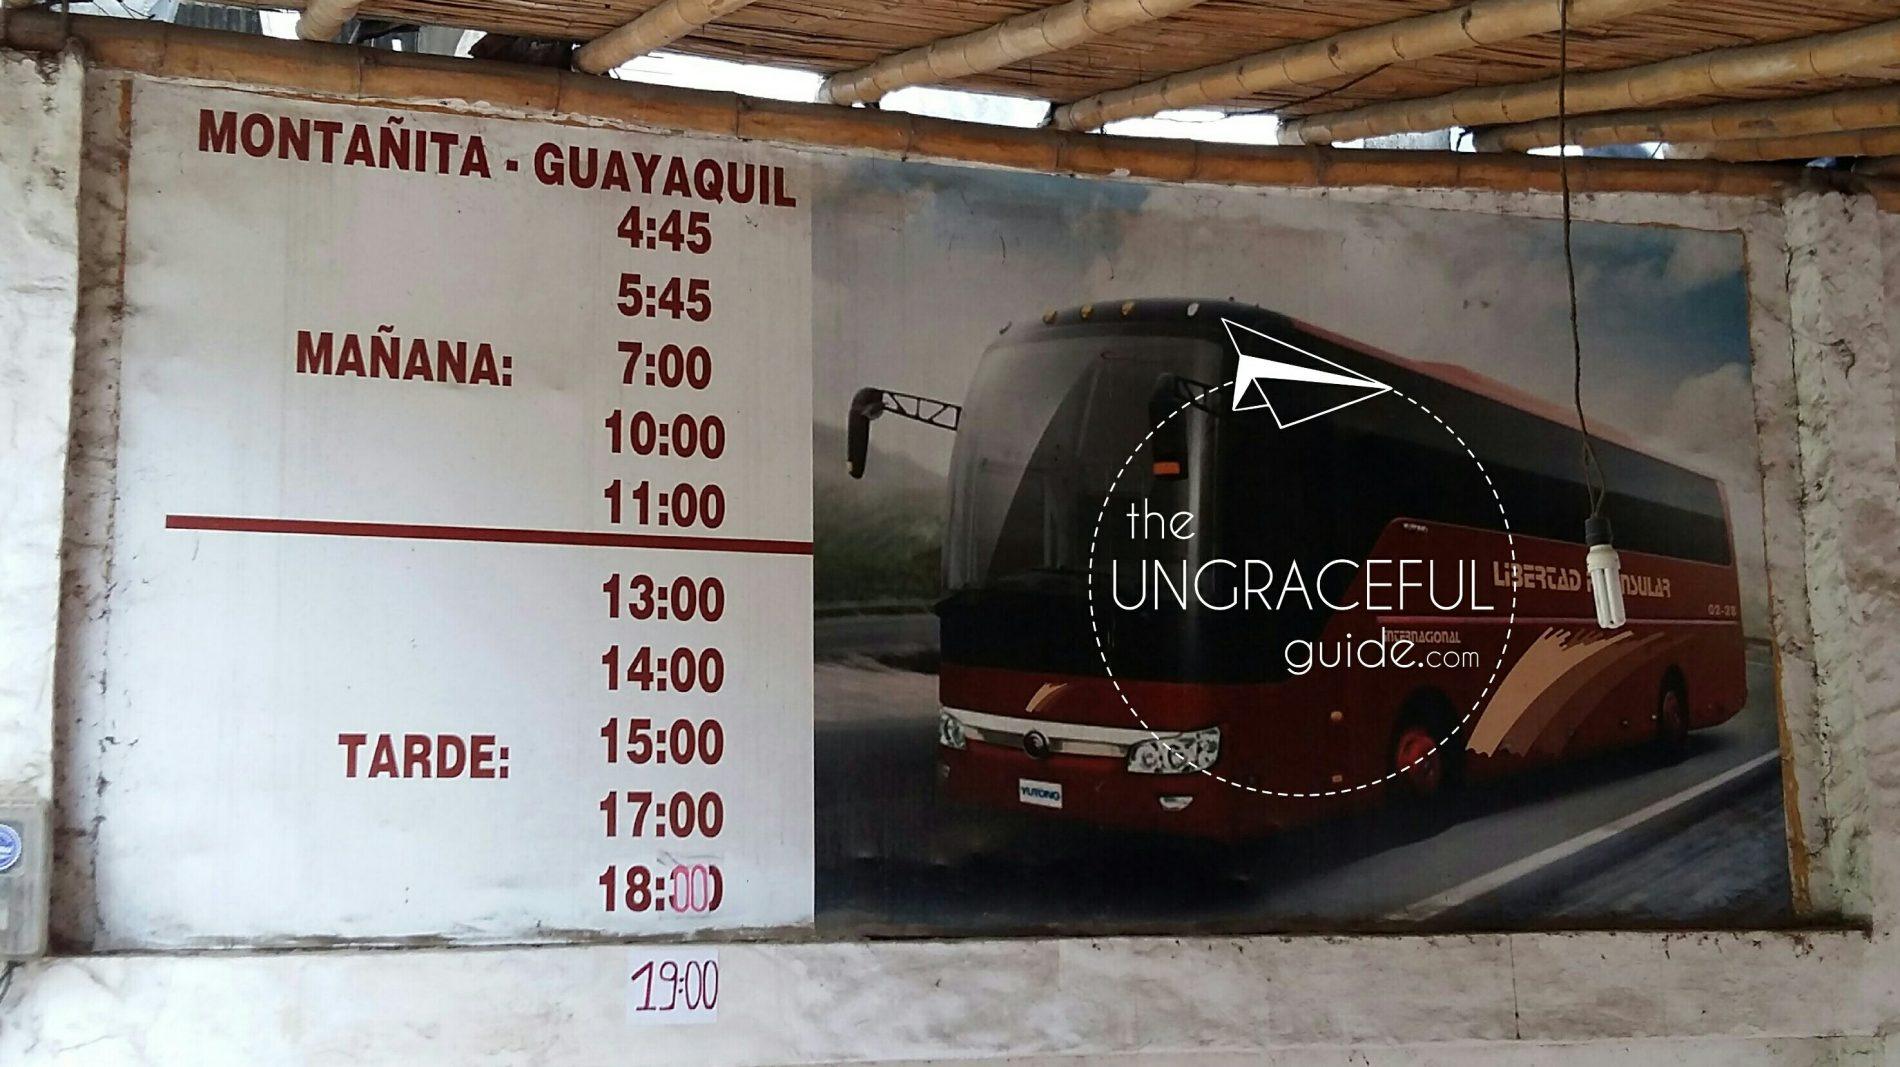 """<img src=""""data:image/gif;base64,R0lGODdhAQABAPAAAP///wAAACwAAAAAAQABAEACAkQBADs="""" data-lazy-src=""""images/"""" width=""""800"""" height=""""600"""" alt=""""cuenca - 2017 10 09 111523296552 - How To: Travel from Montañita to Cuenca"""">"""